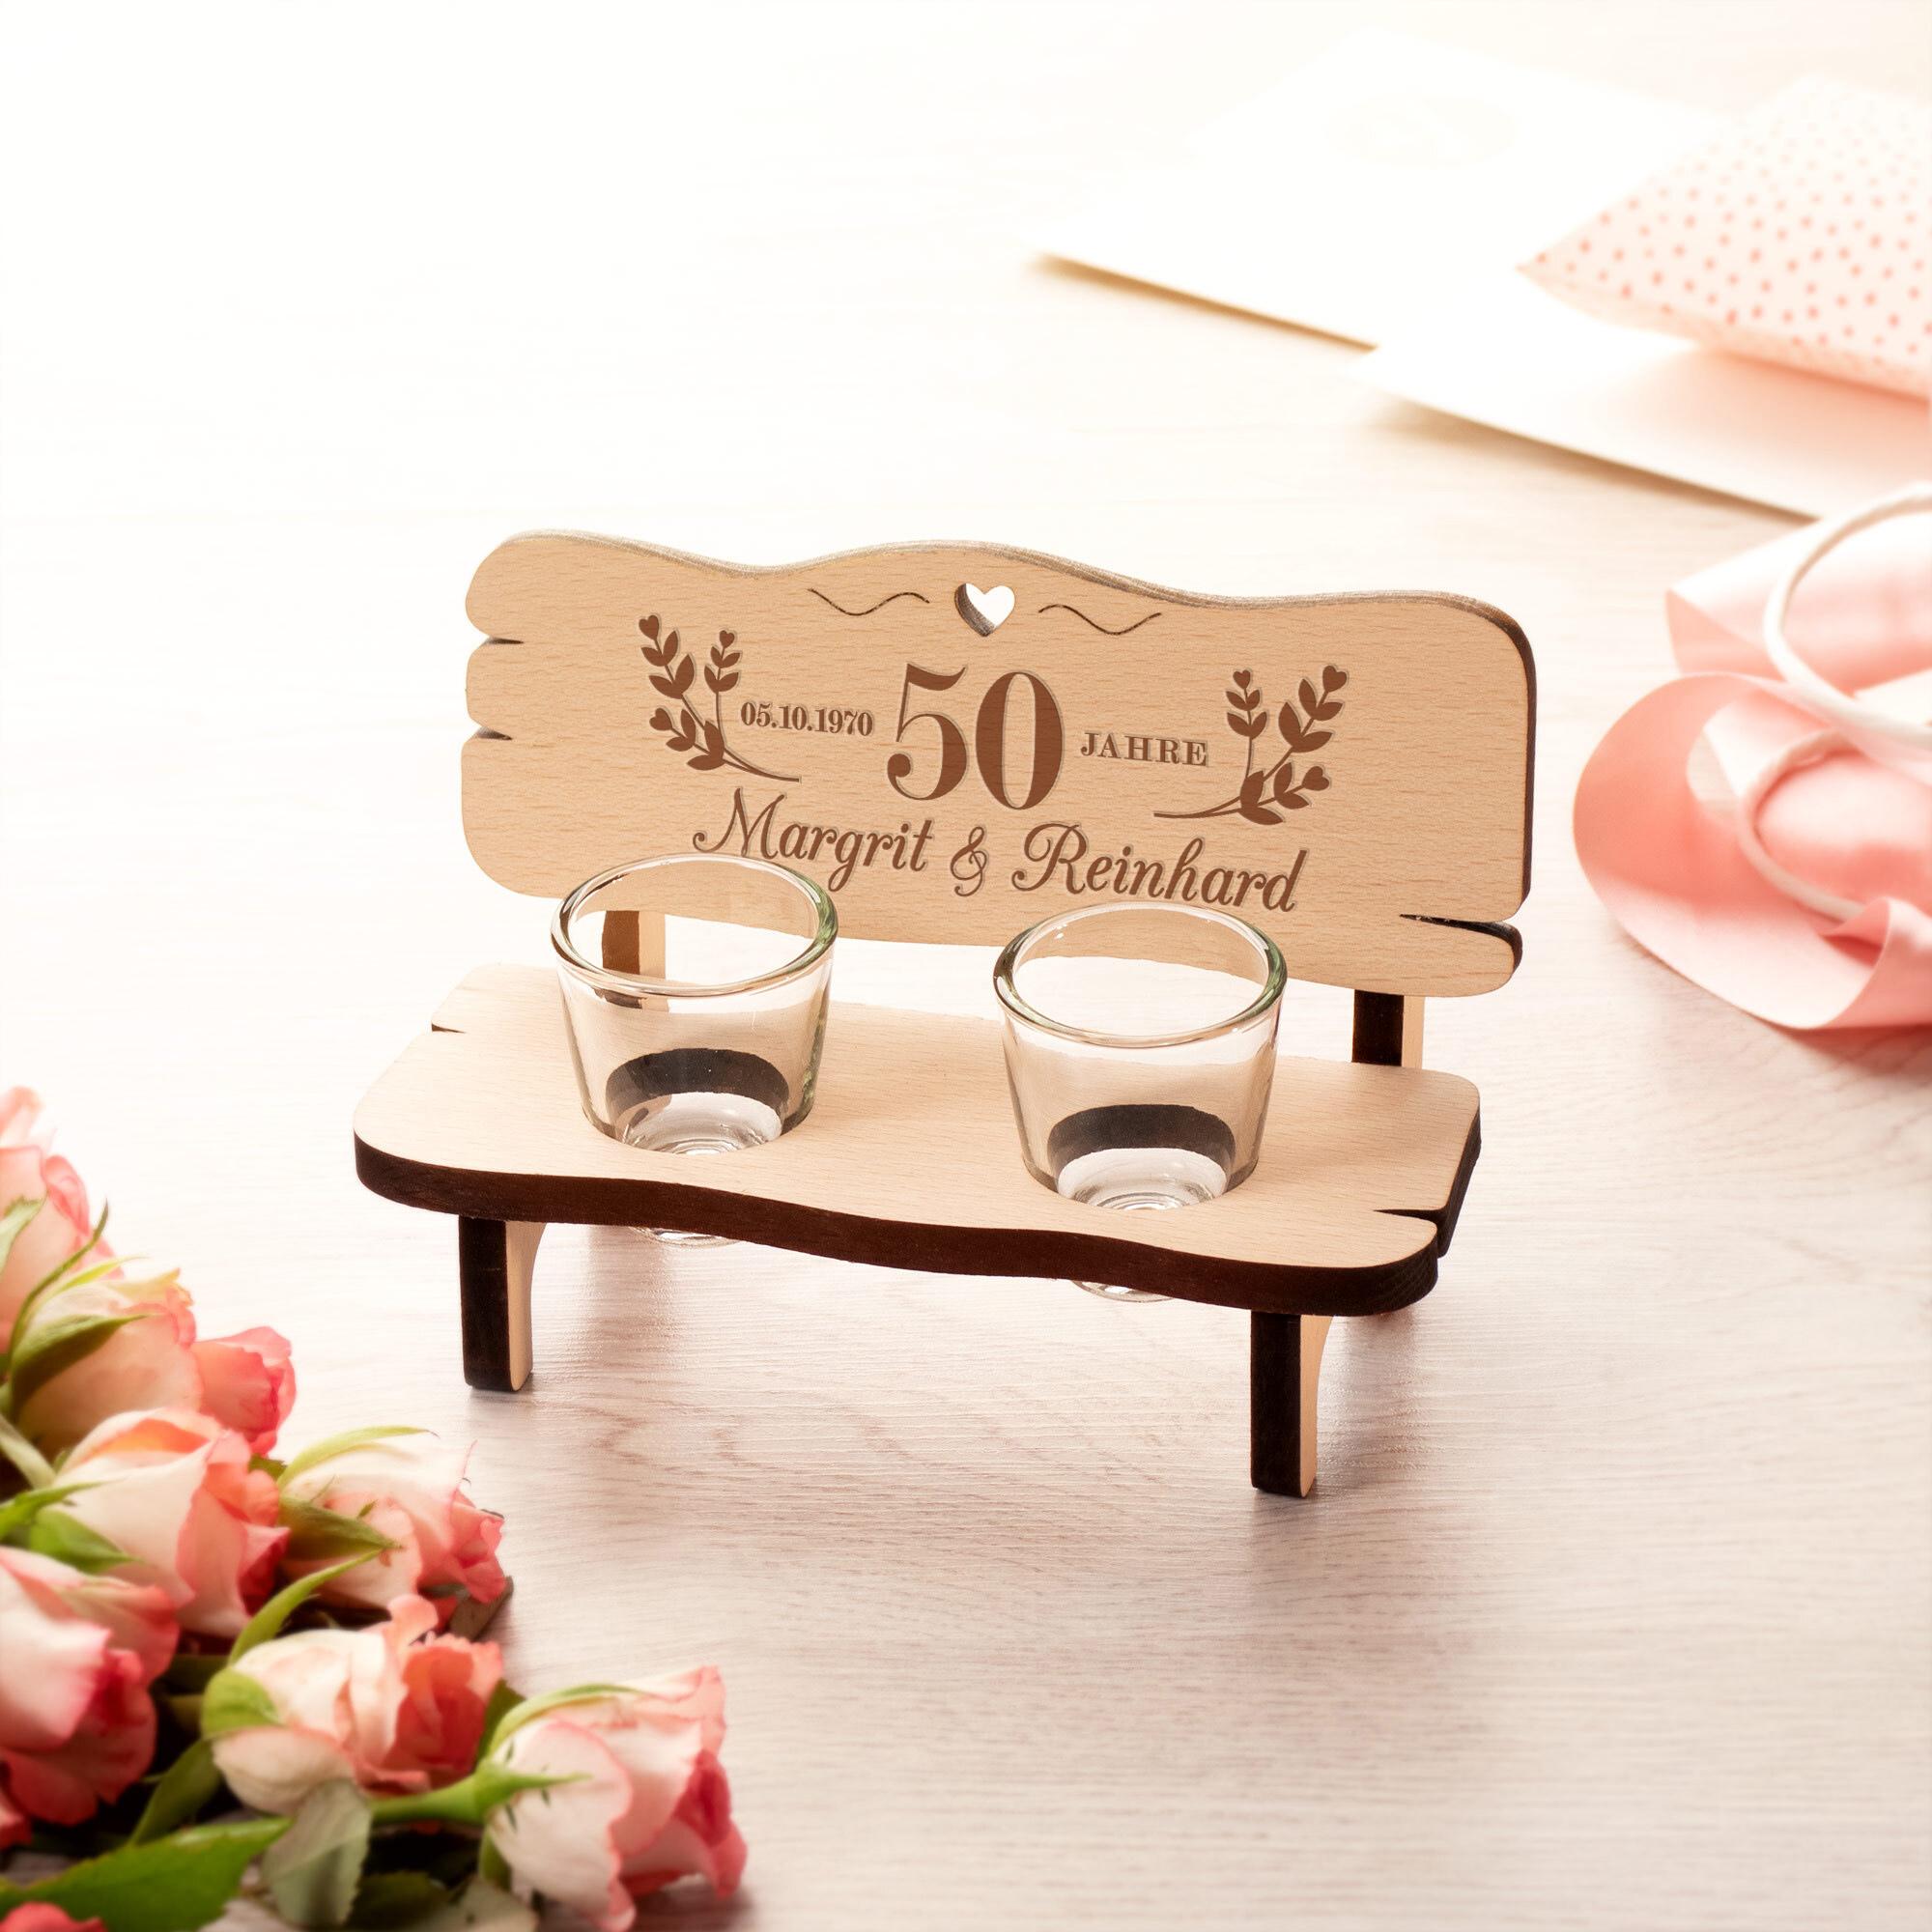 Personalisierte Schnapsbank zur goldenen Hochzeit